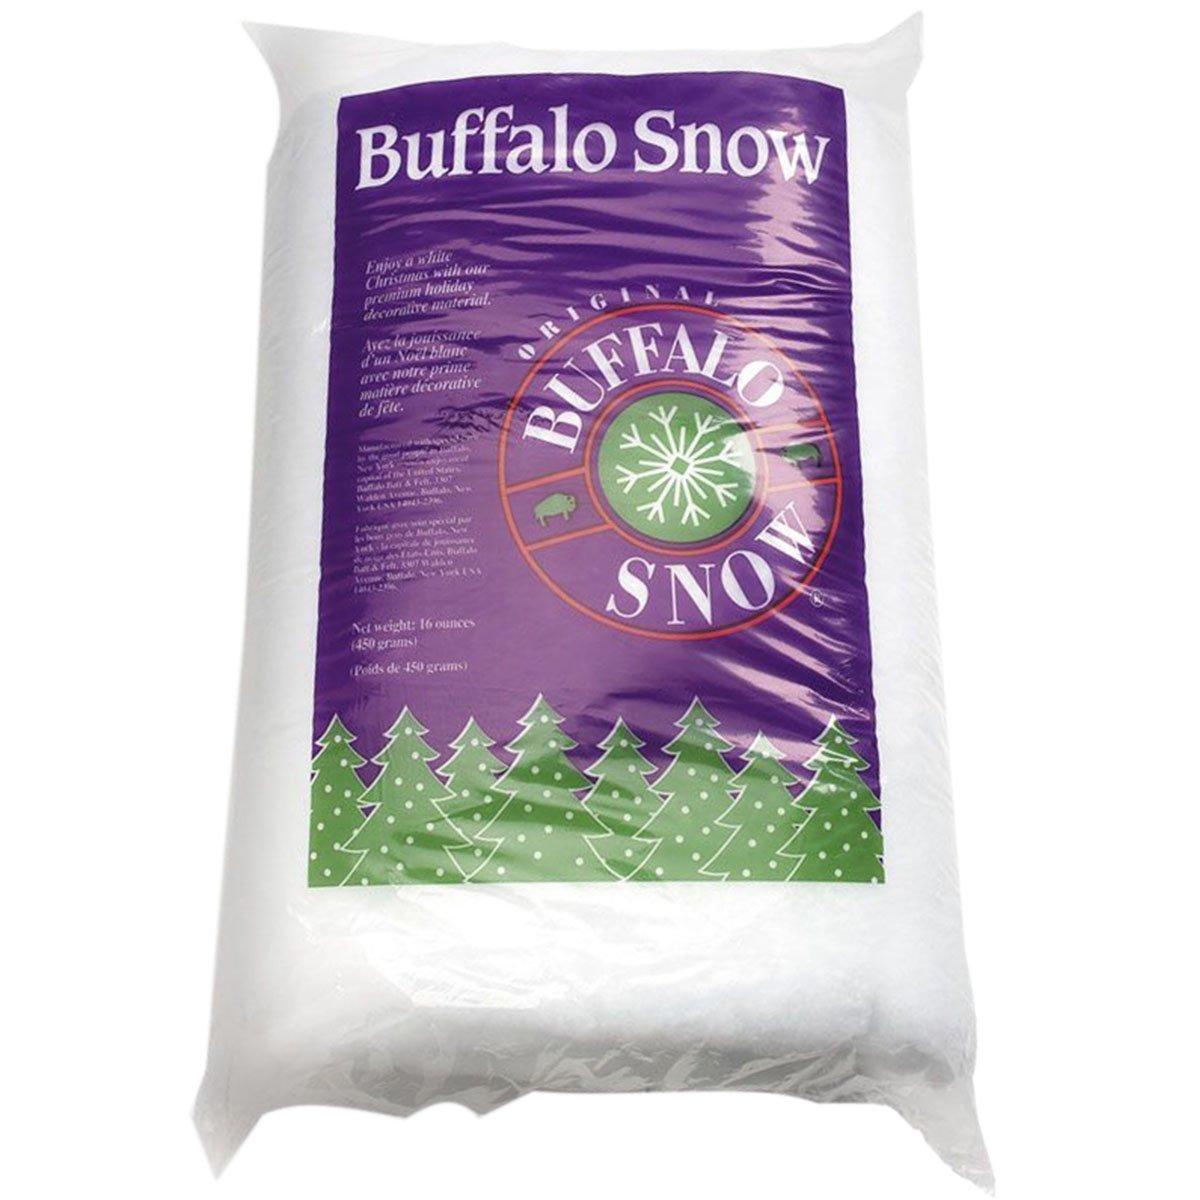 BUFFALO BATT & FELT CB1339 Buffalo Snow for Christmas Decoration, 16-Ounce 900540